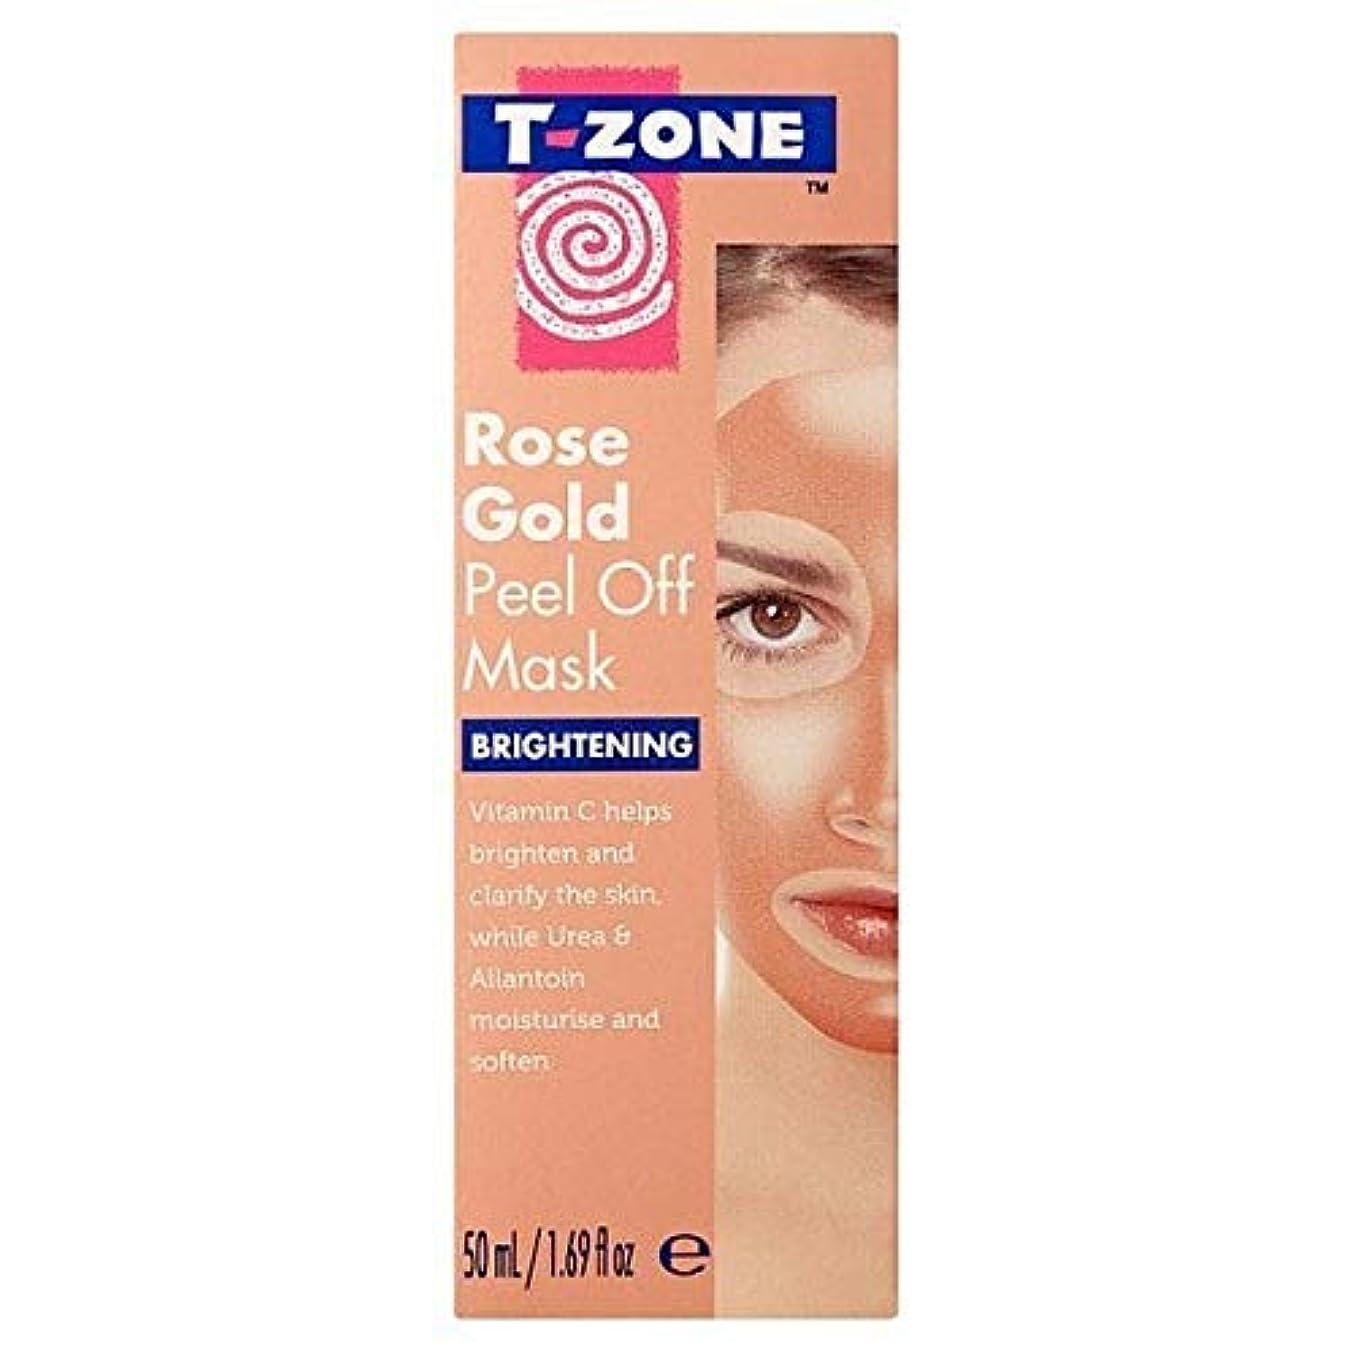 丘クリック真似る[T-Zone] Tゾーンは、金マスク50ミリリットルを明るくはがしバラ - T-Zone Rose Gold Peel Off Brightening Mask 50ml [並行輸入品]